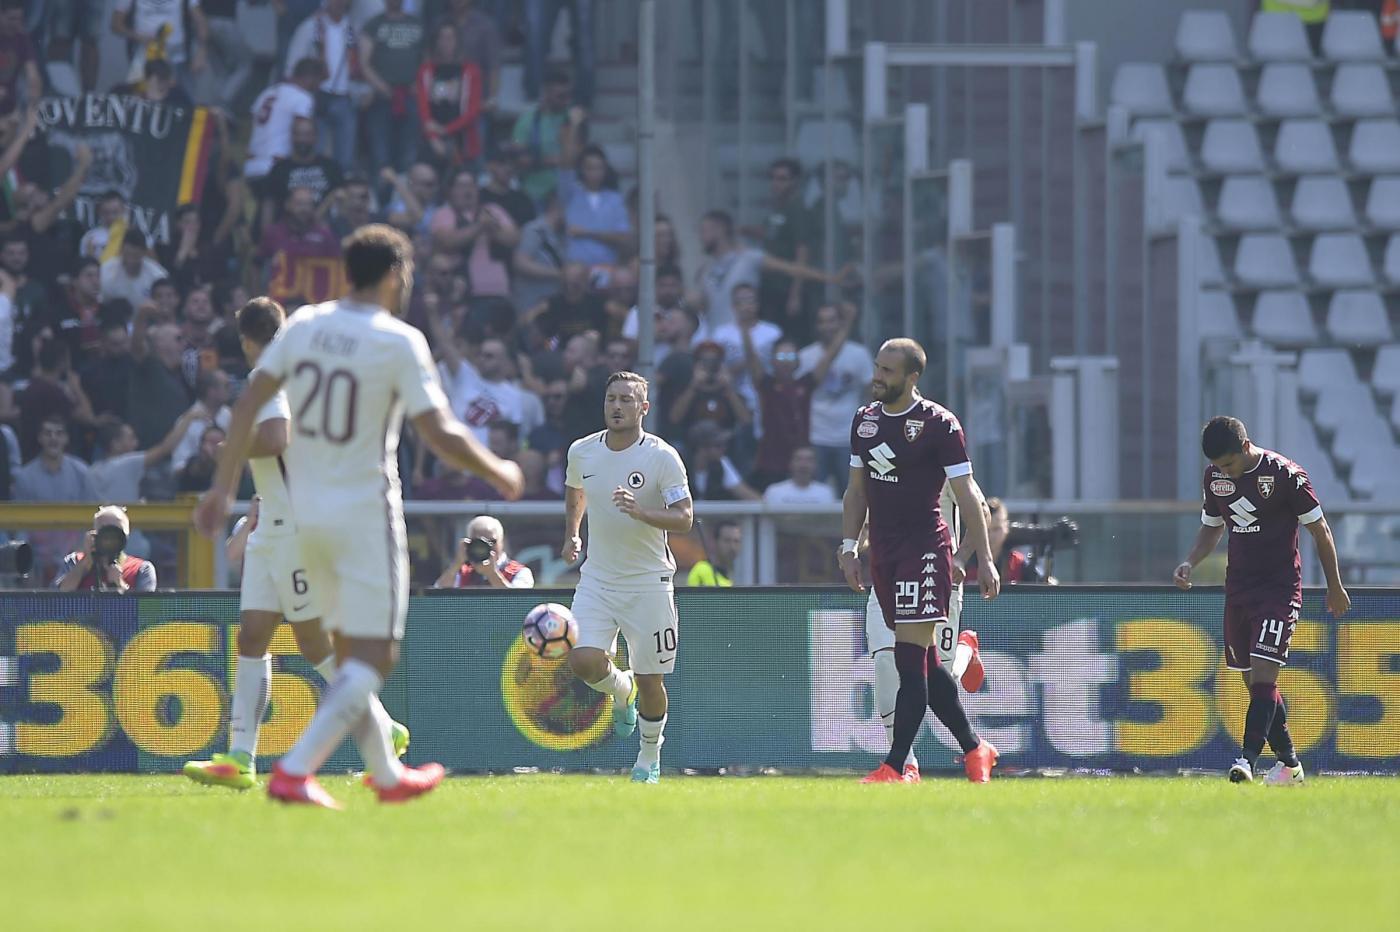 Totti, altro record: gol n. 250 in Serie A